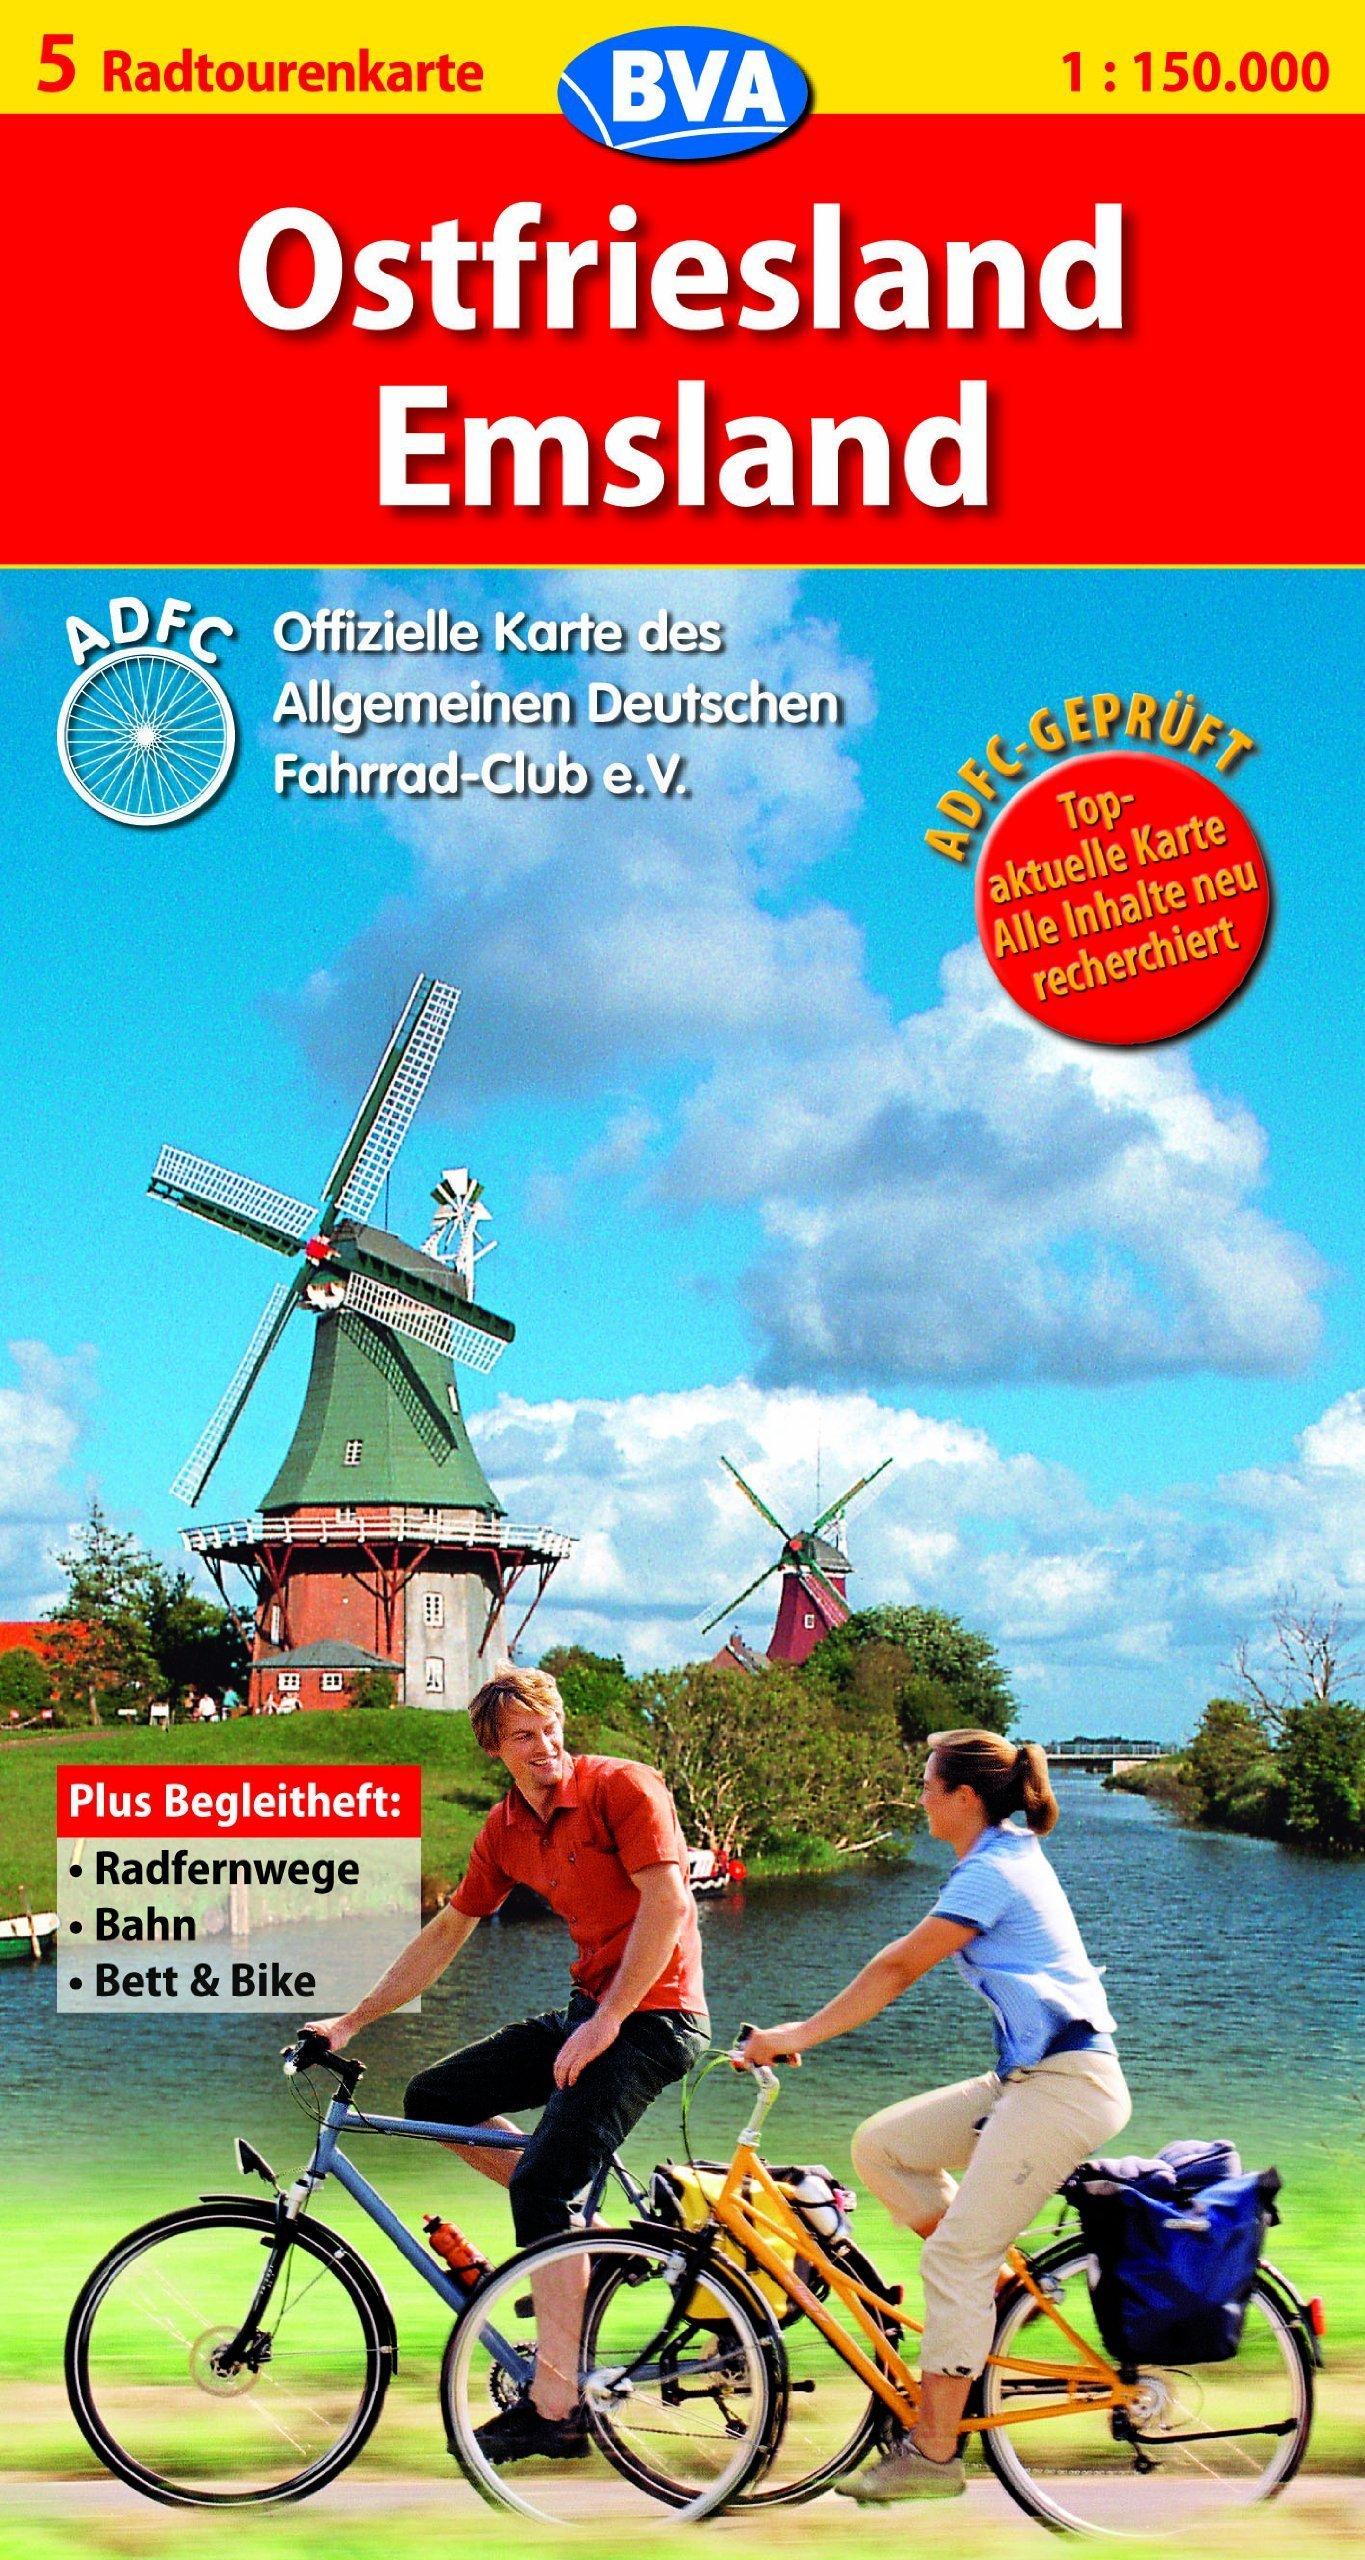 Ostfriesland / Emsland: ADFC-Radtourenkarte. Blatt 5. Maßstab 1:150.000